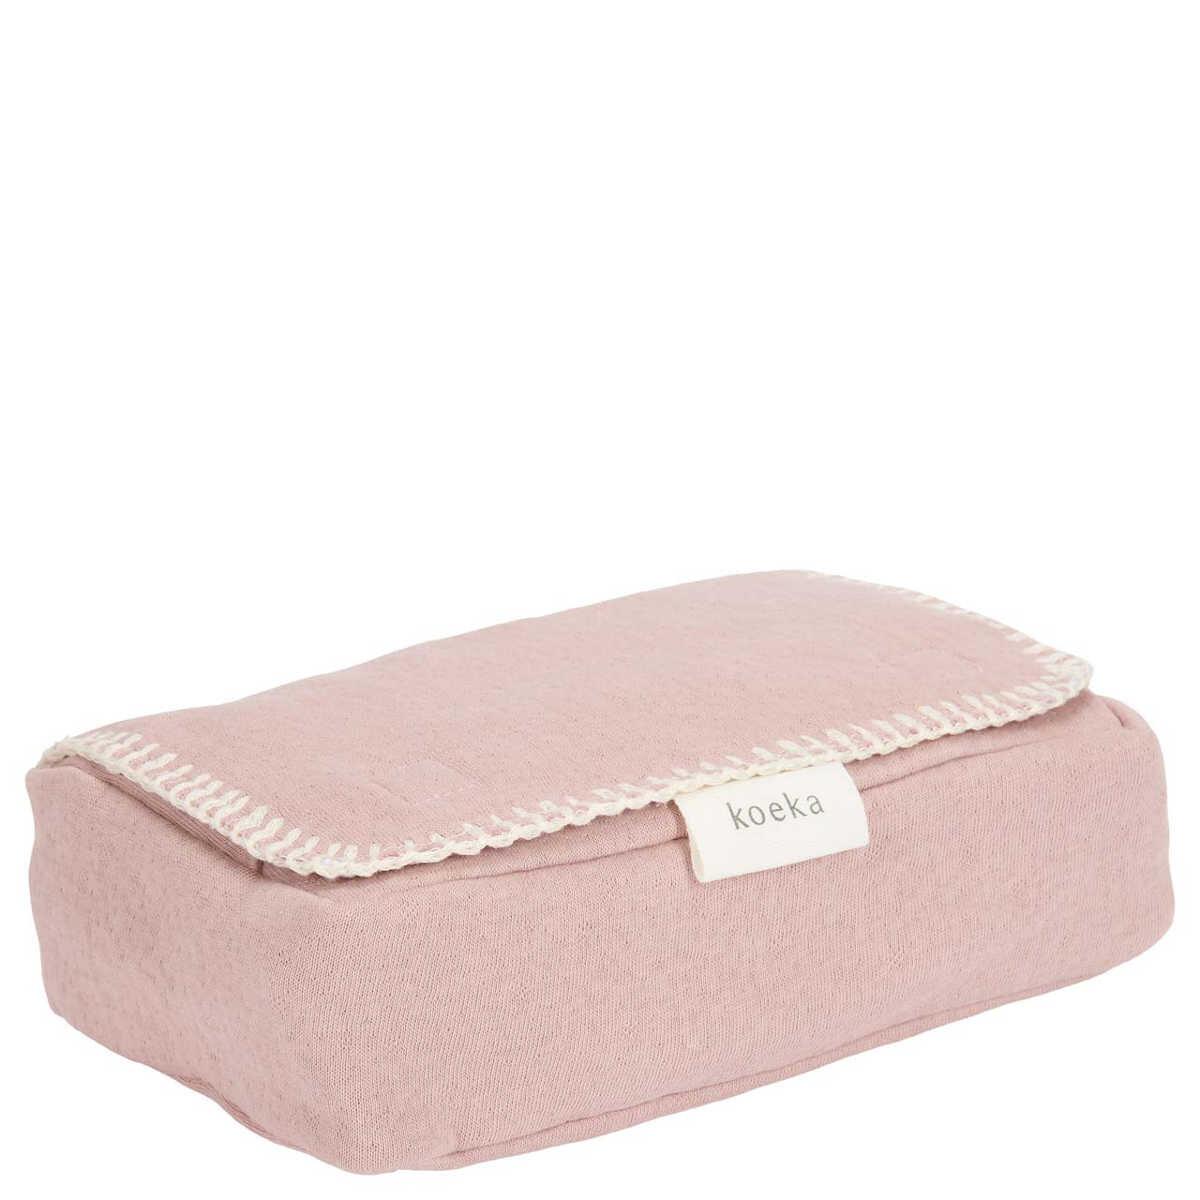 Koeka Bezug für Feuchttücher Runa old pink